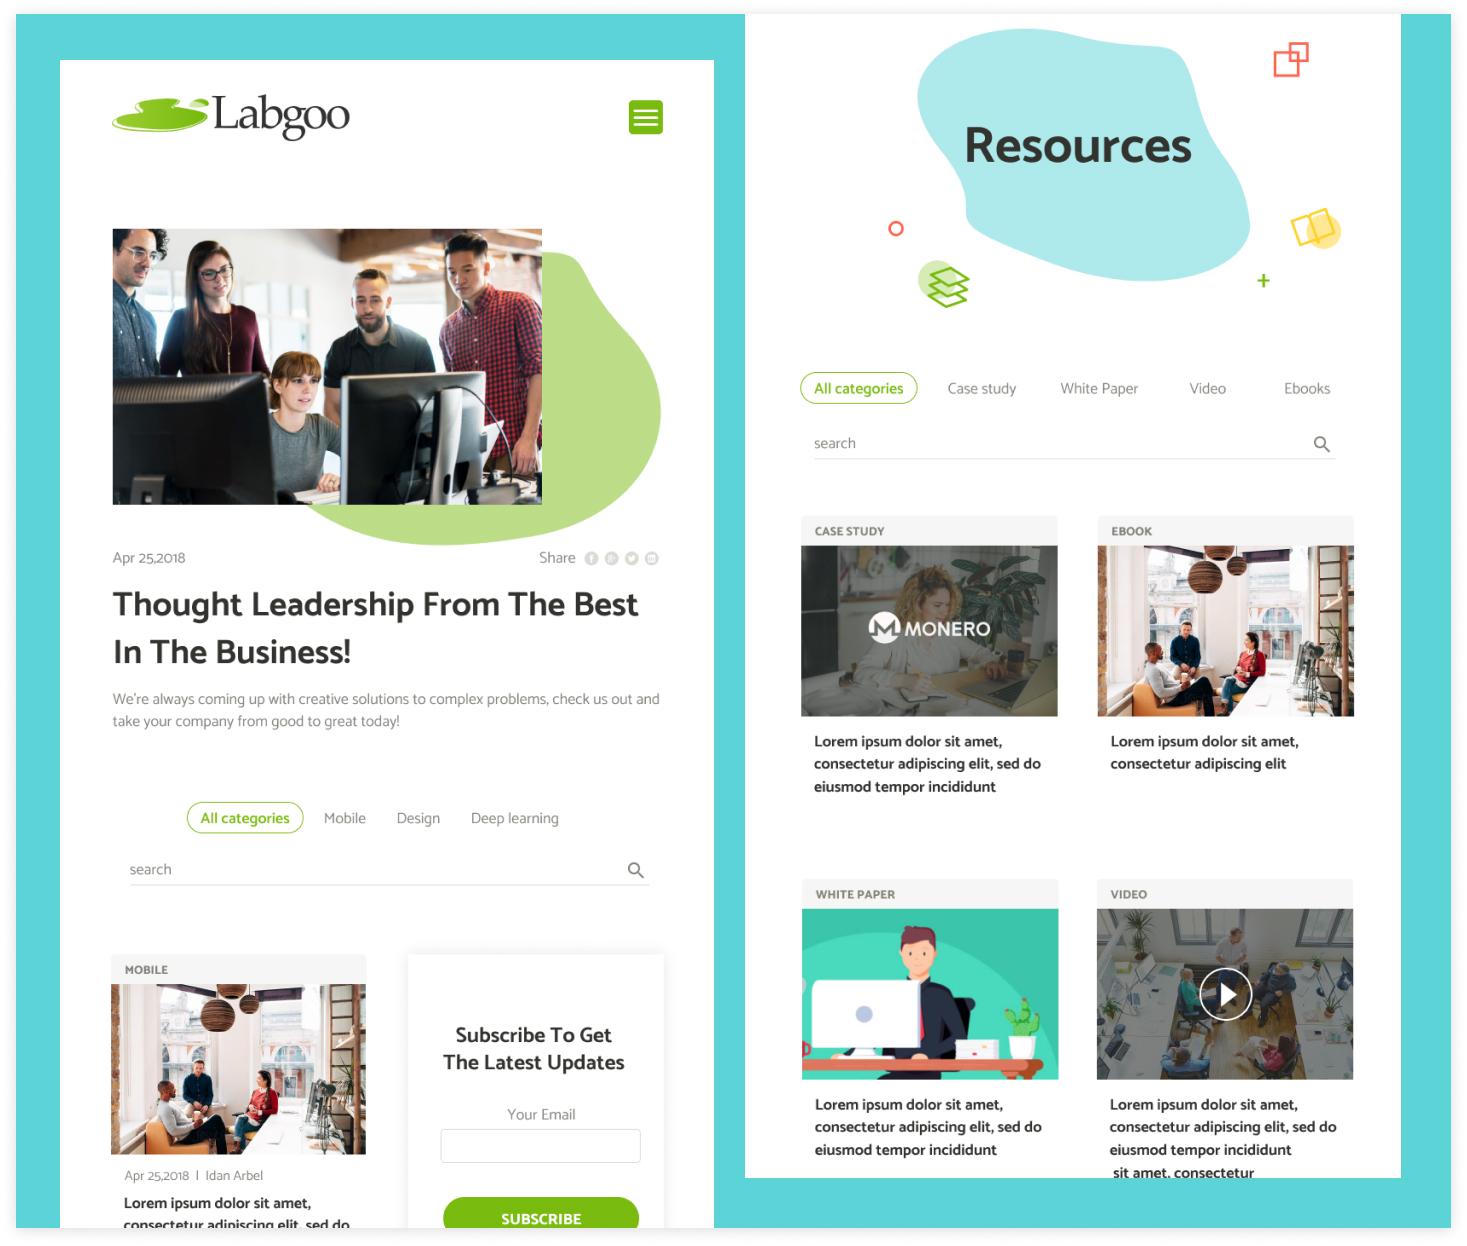 Labgoo resources